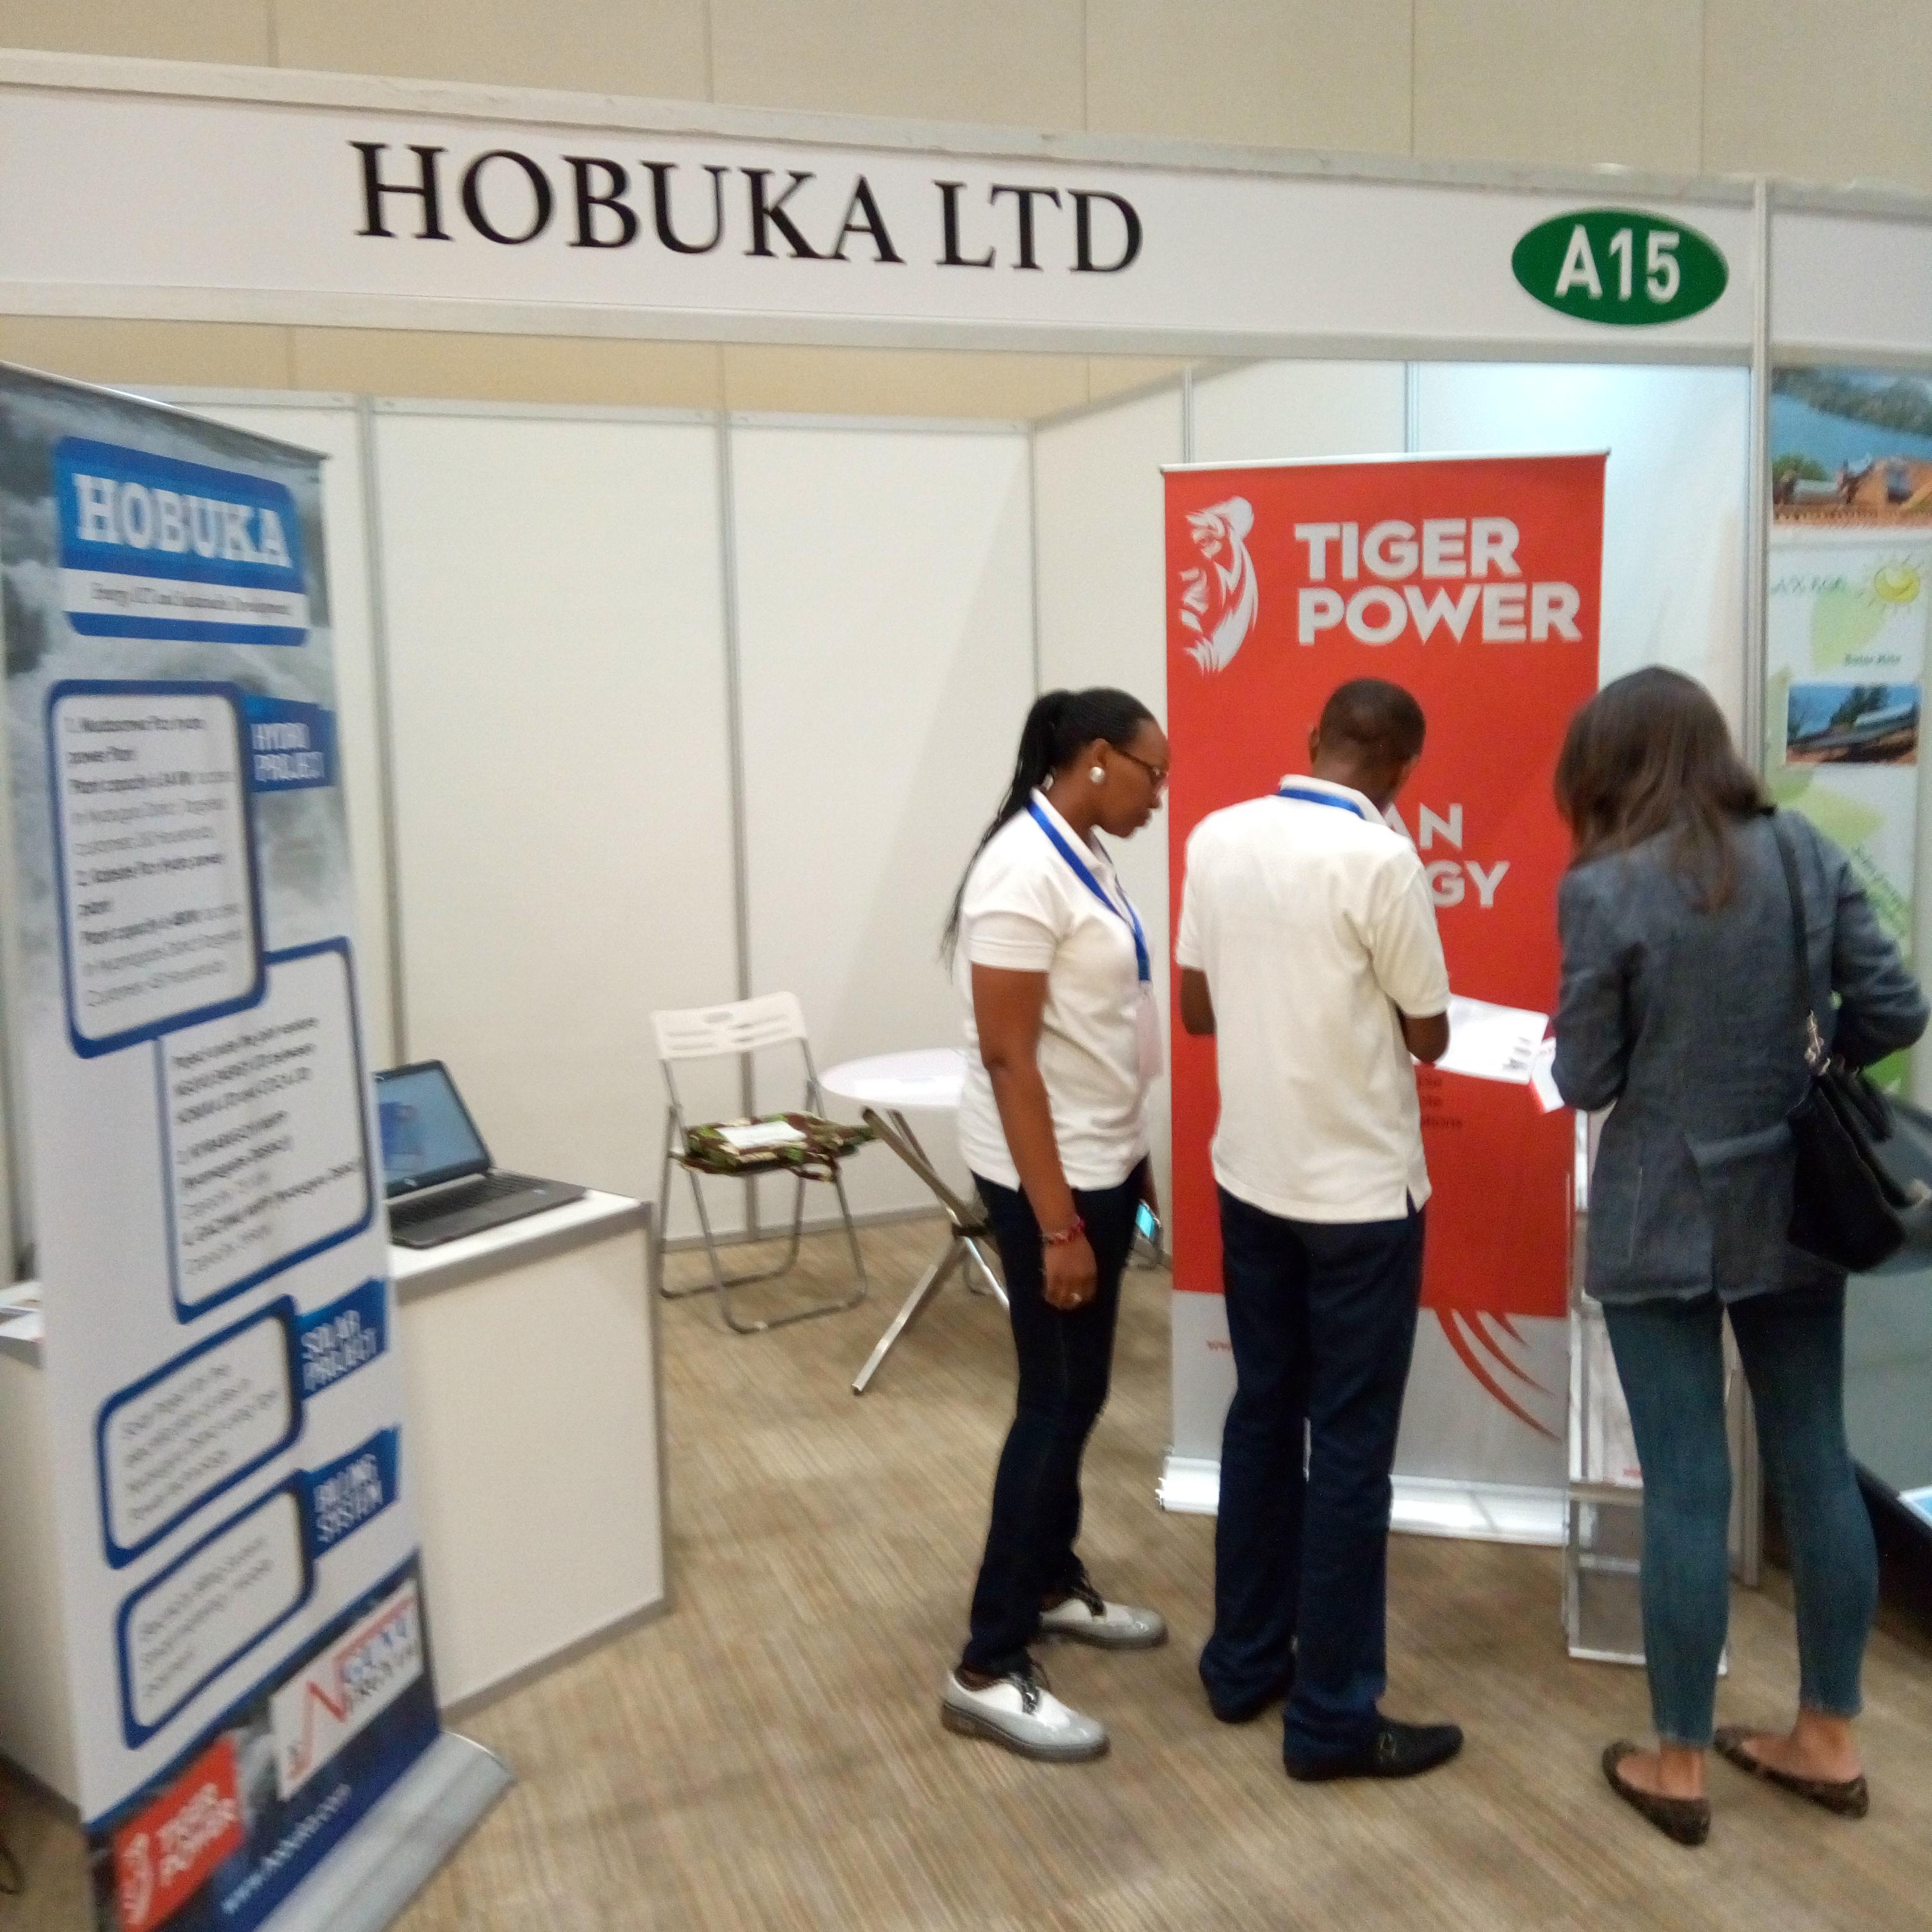 Hobuka Stand